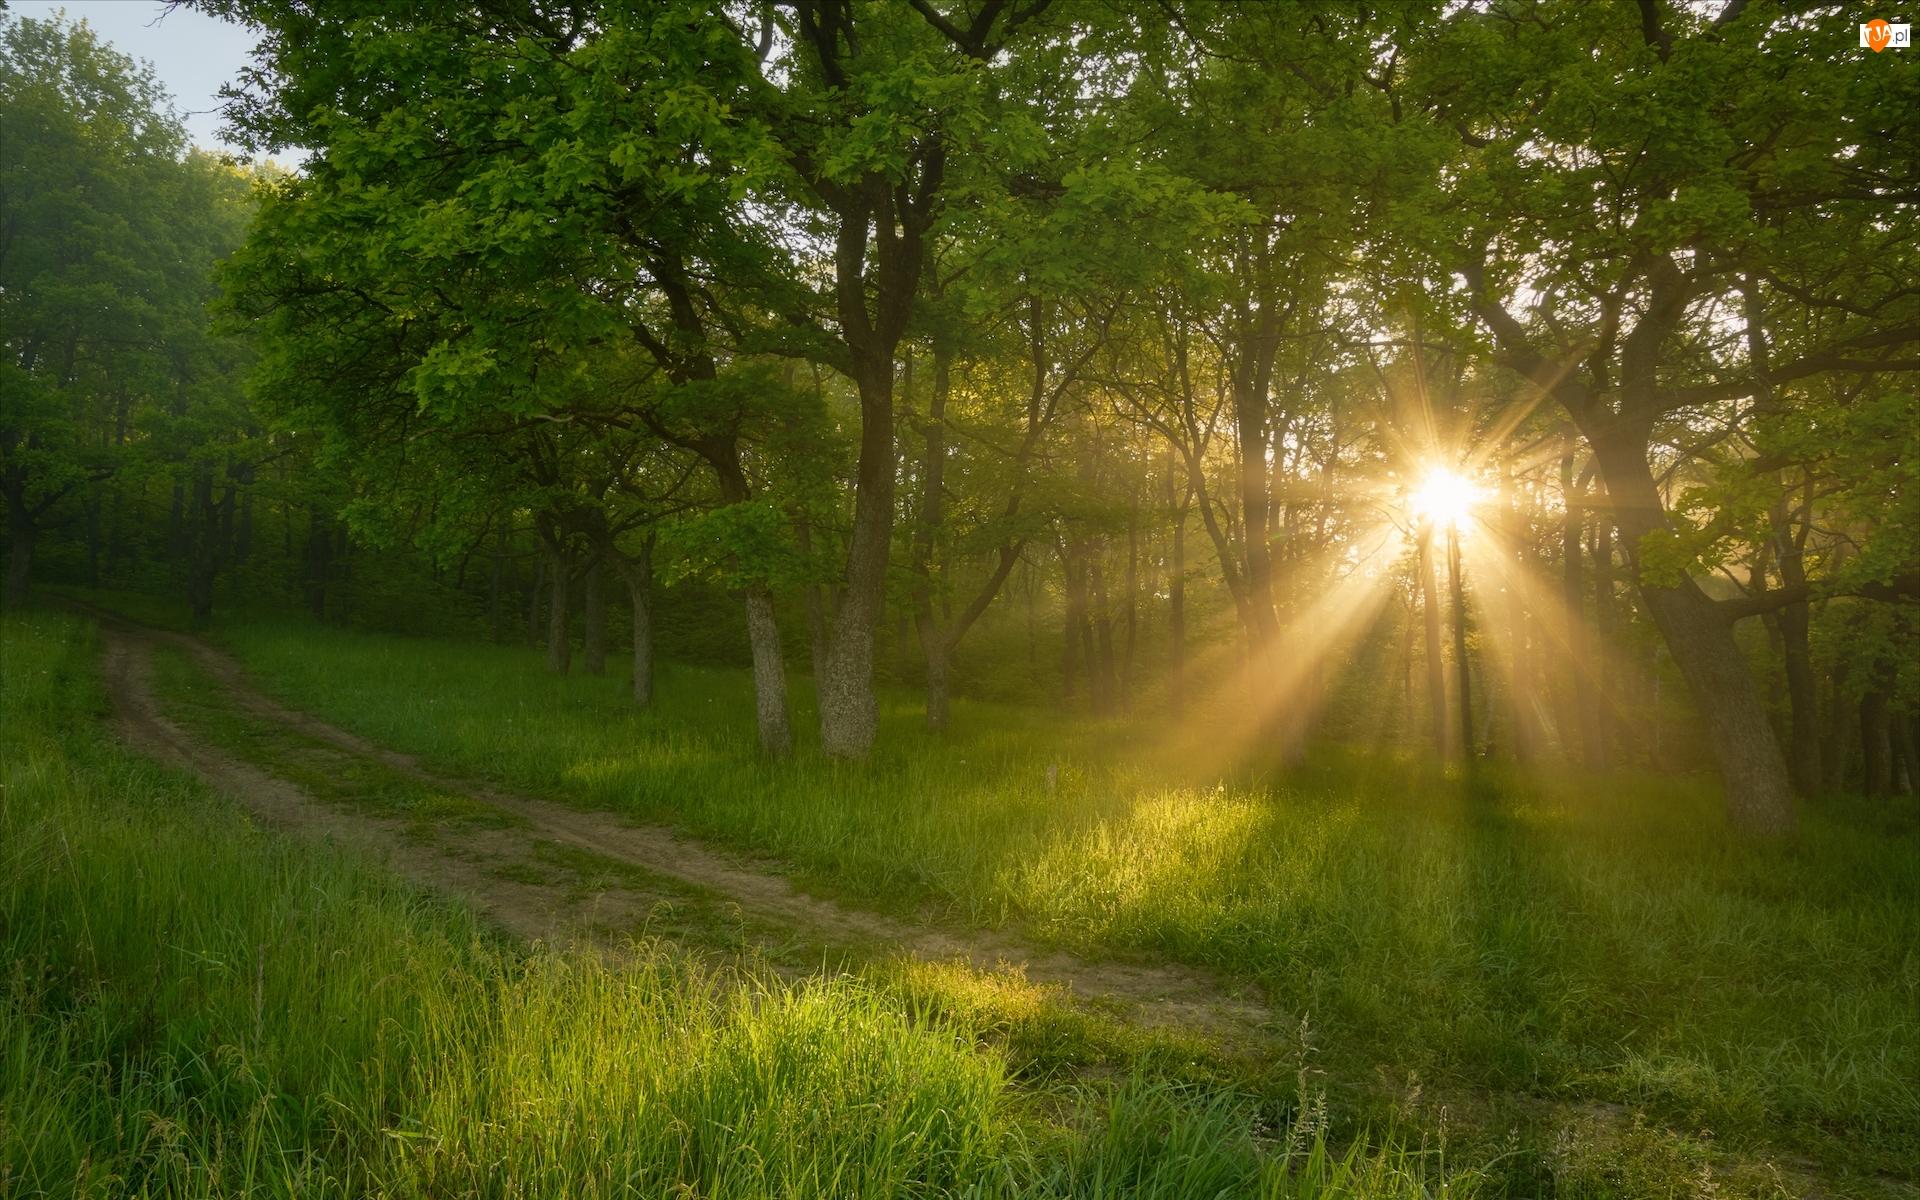 Droga, Promienie słońca, Drzewa, Trawa